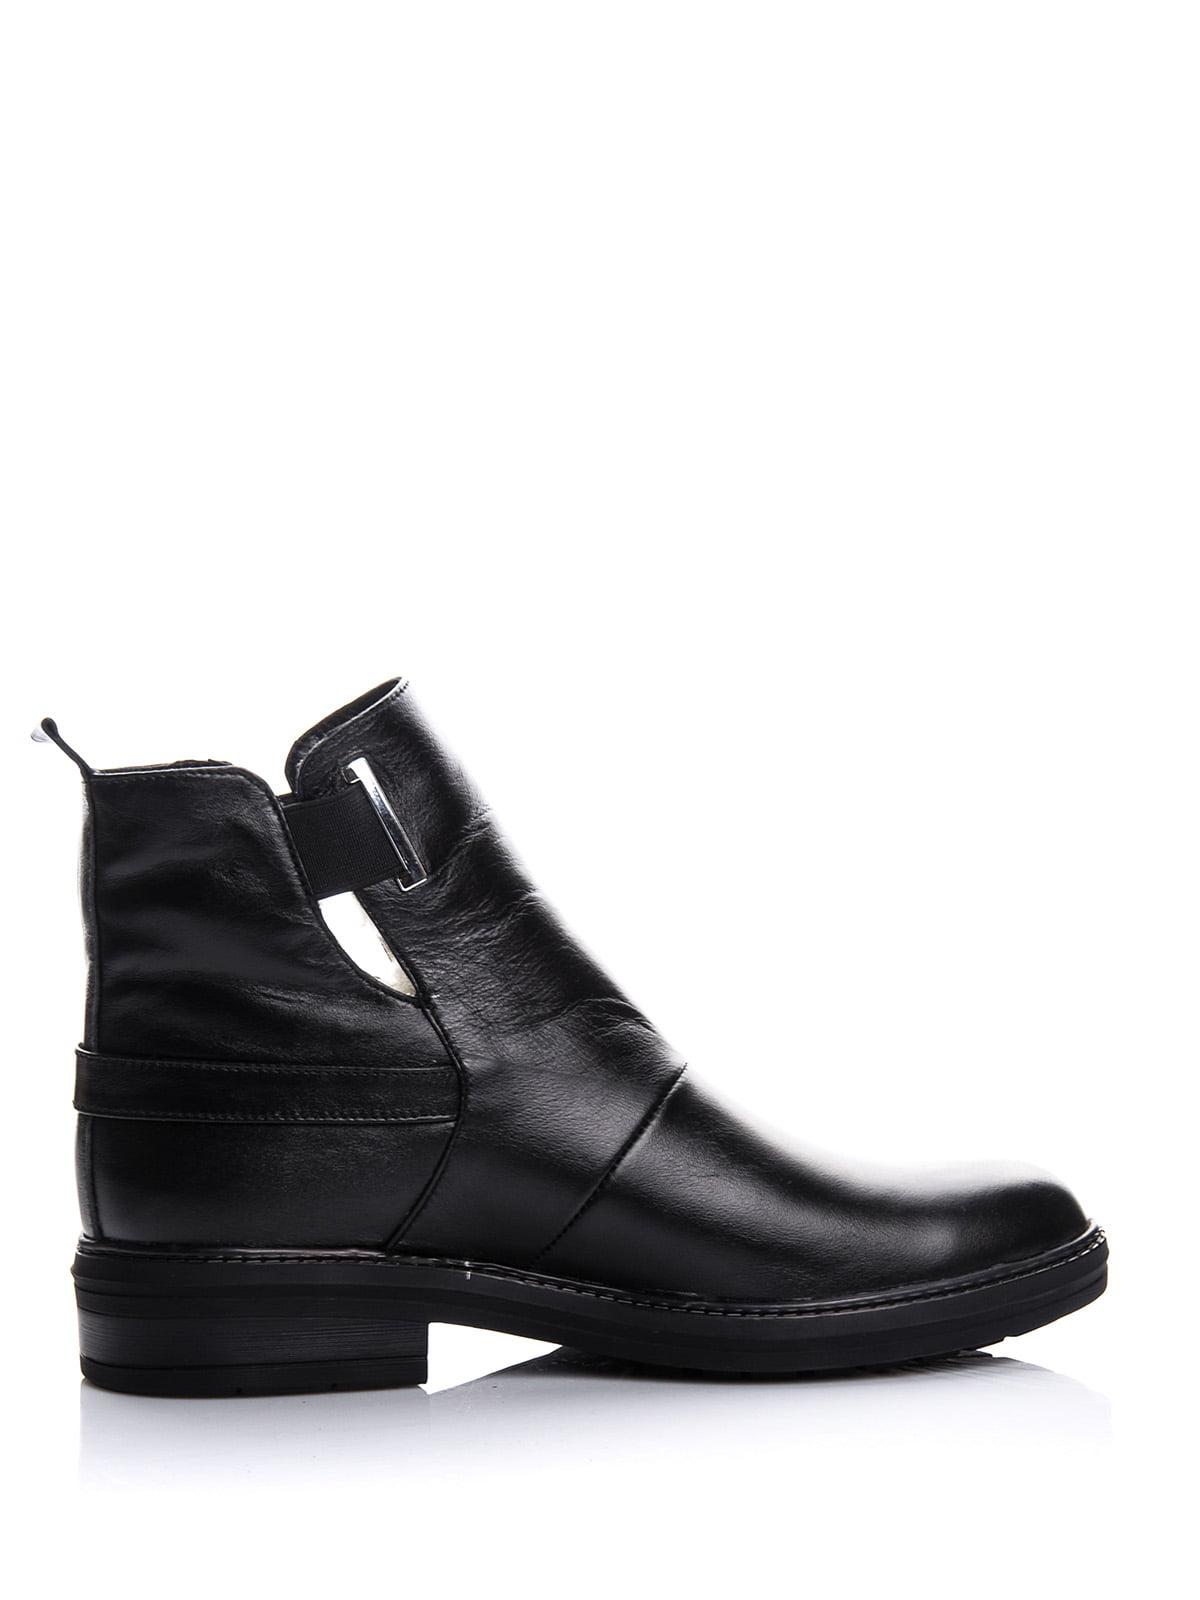 Ботинки черные | 4643282 | фото 4